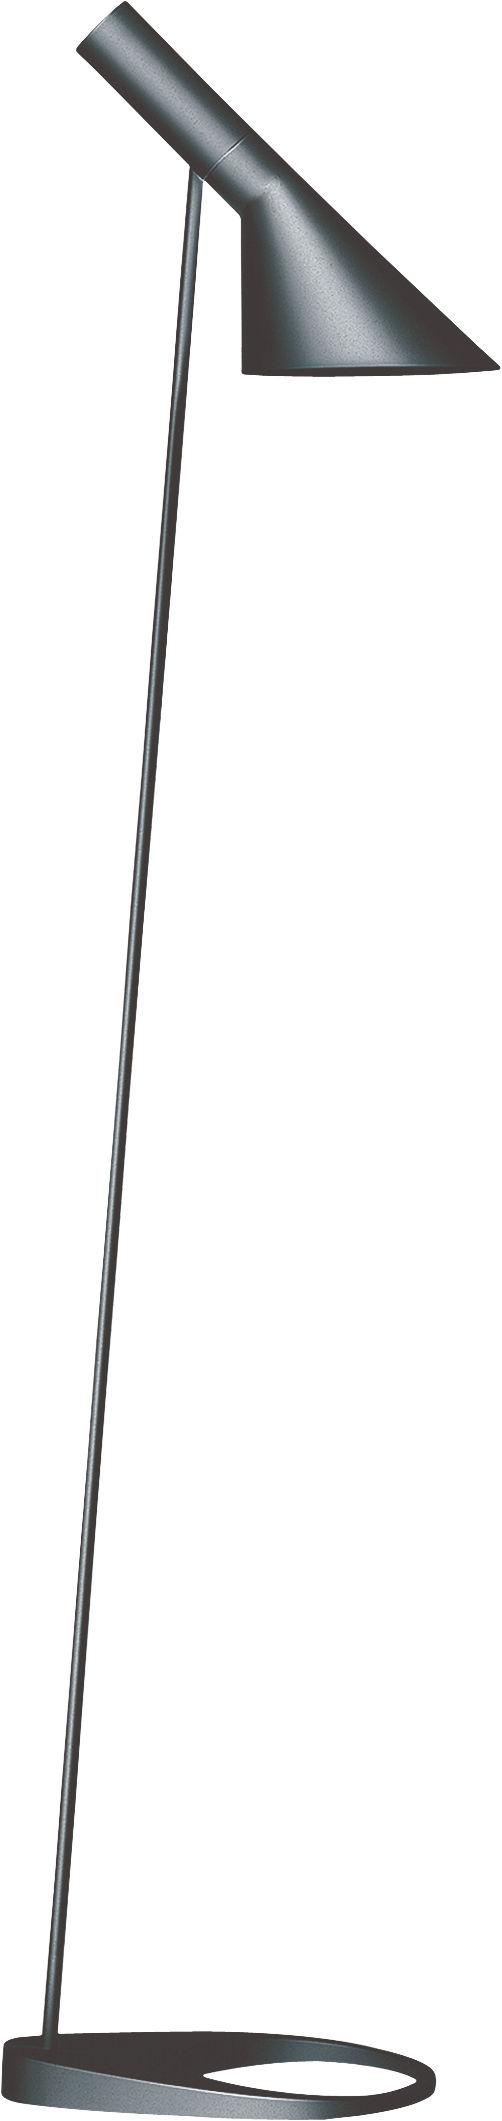 Lighting - Floor lamps - AJ Floor lamp - H 130 cm by Louis Poulsen - Grey - Cast zinc, Steel